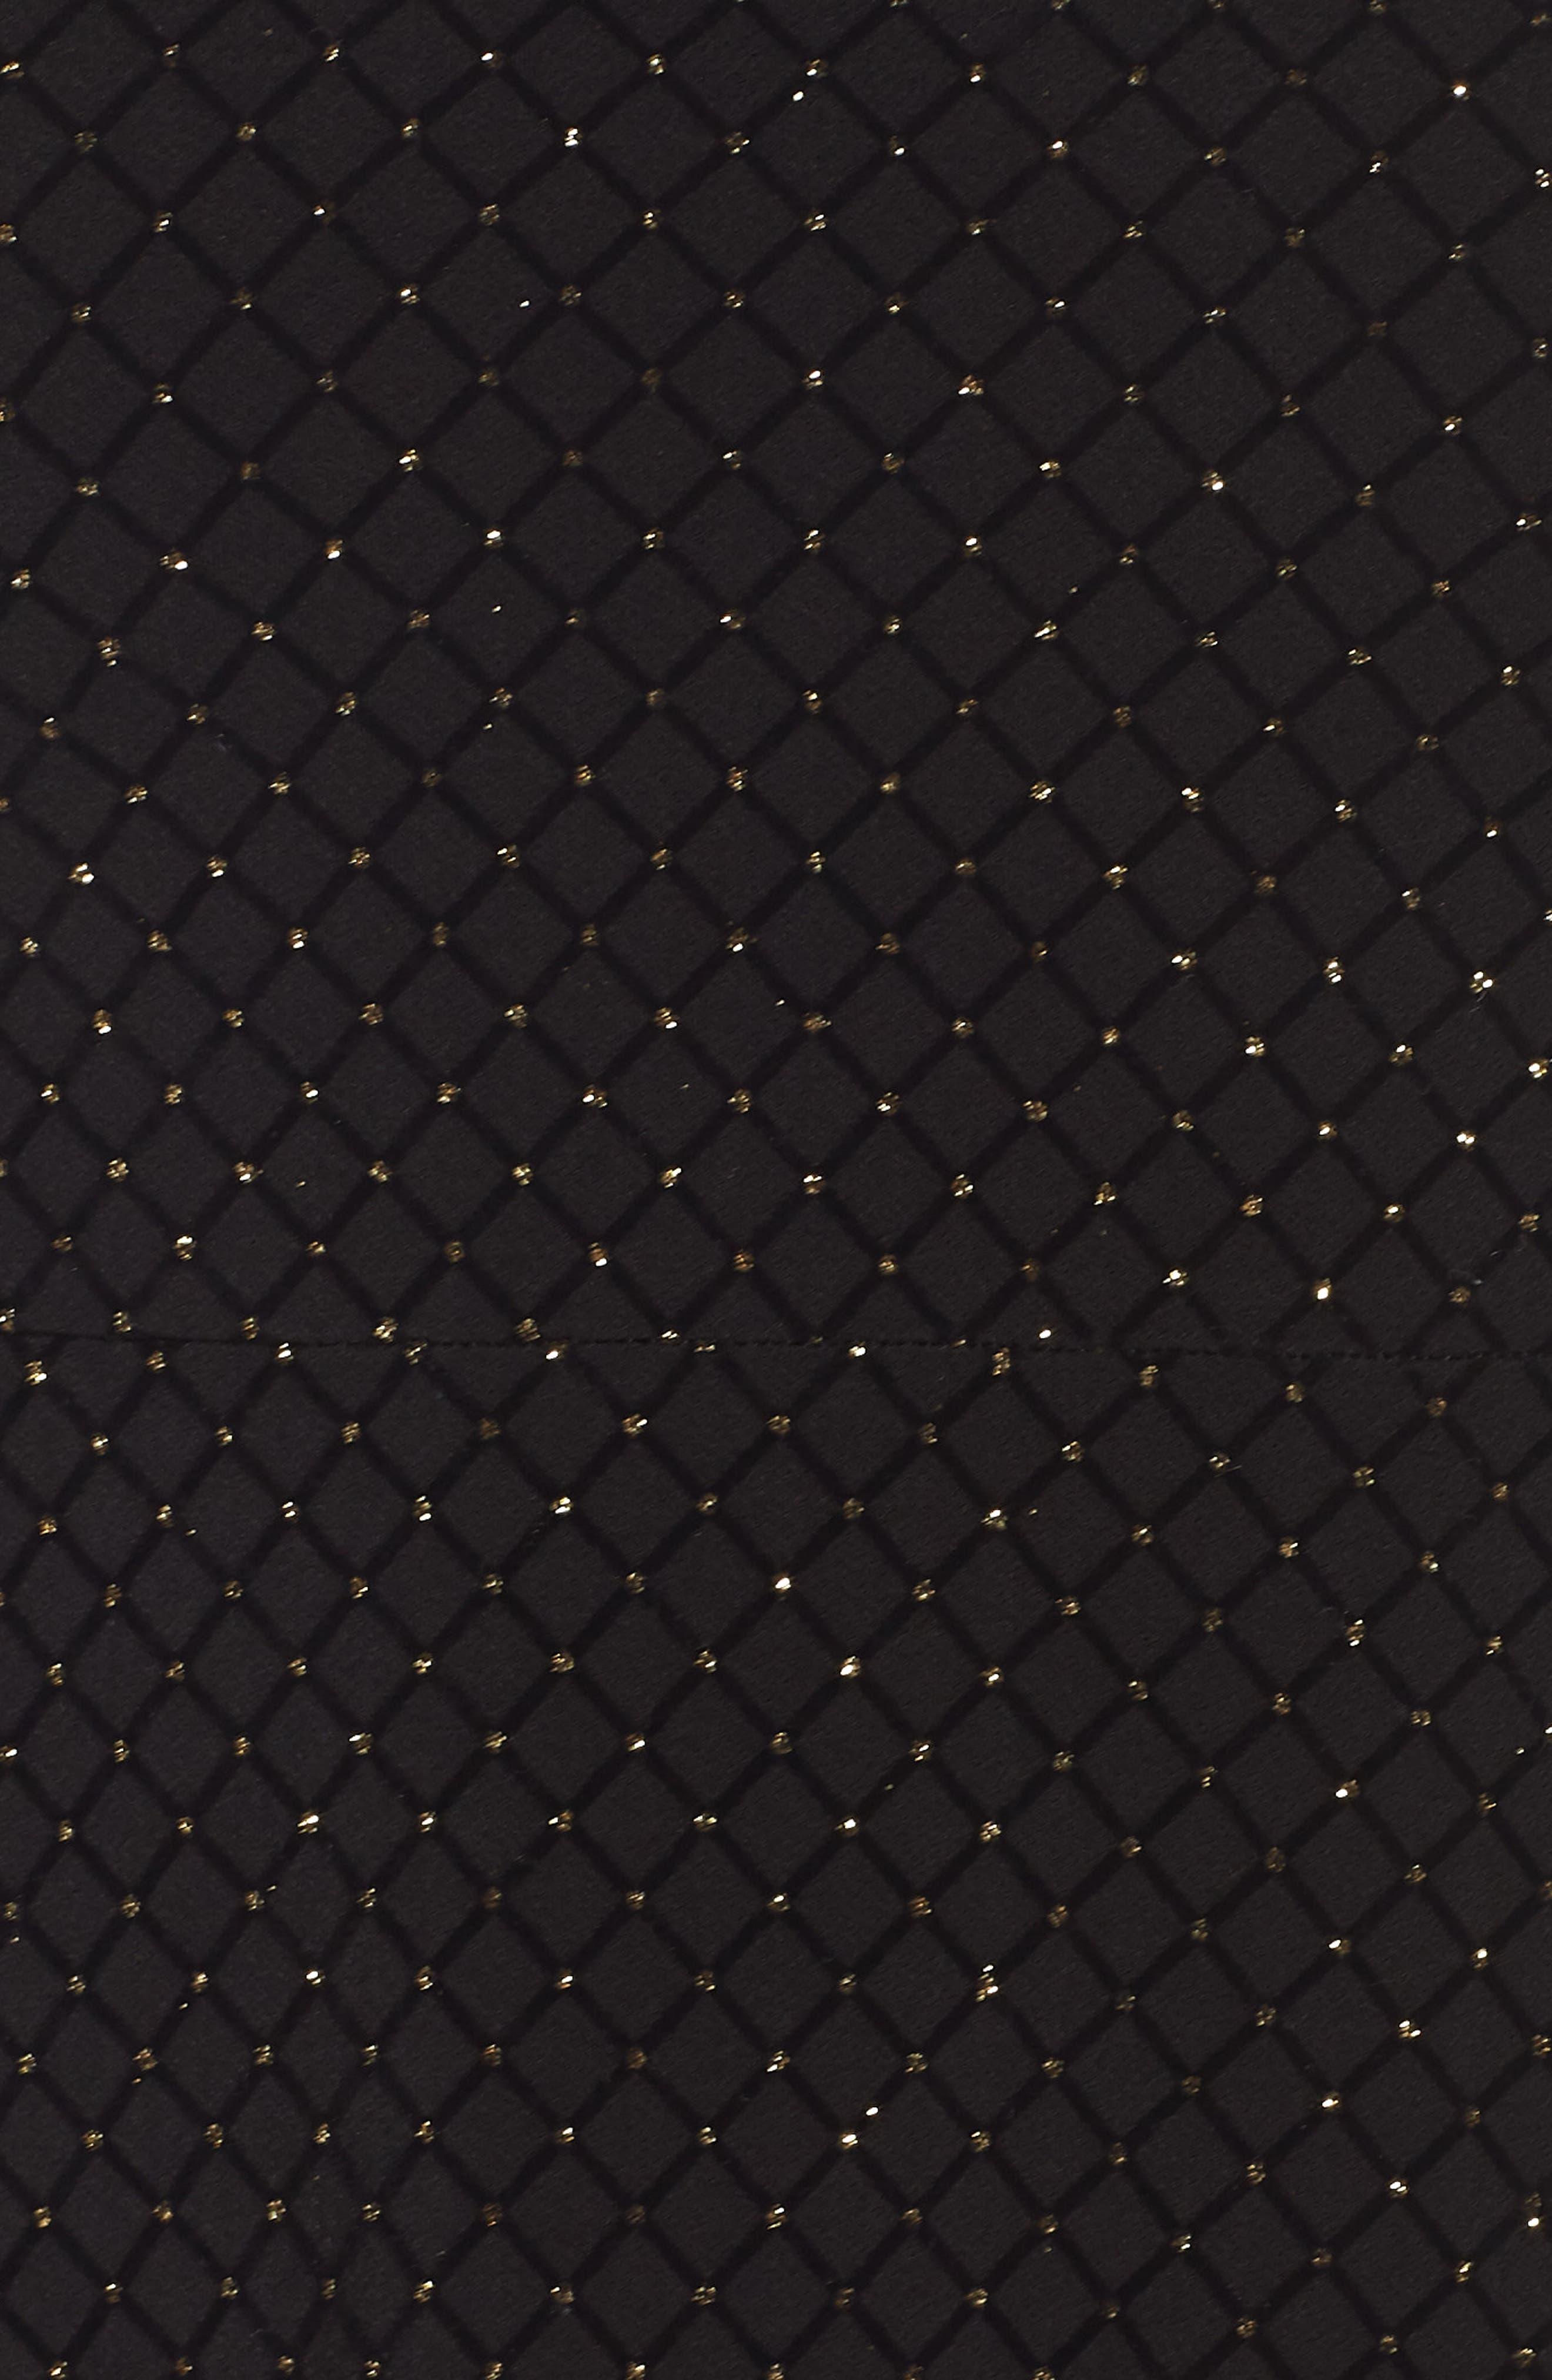 Long Sleeve Pleated Skirt Dress,                             Alternate thumbnail 6, color,                             BLACK/ GOLD